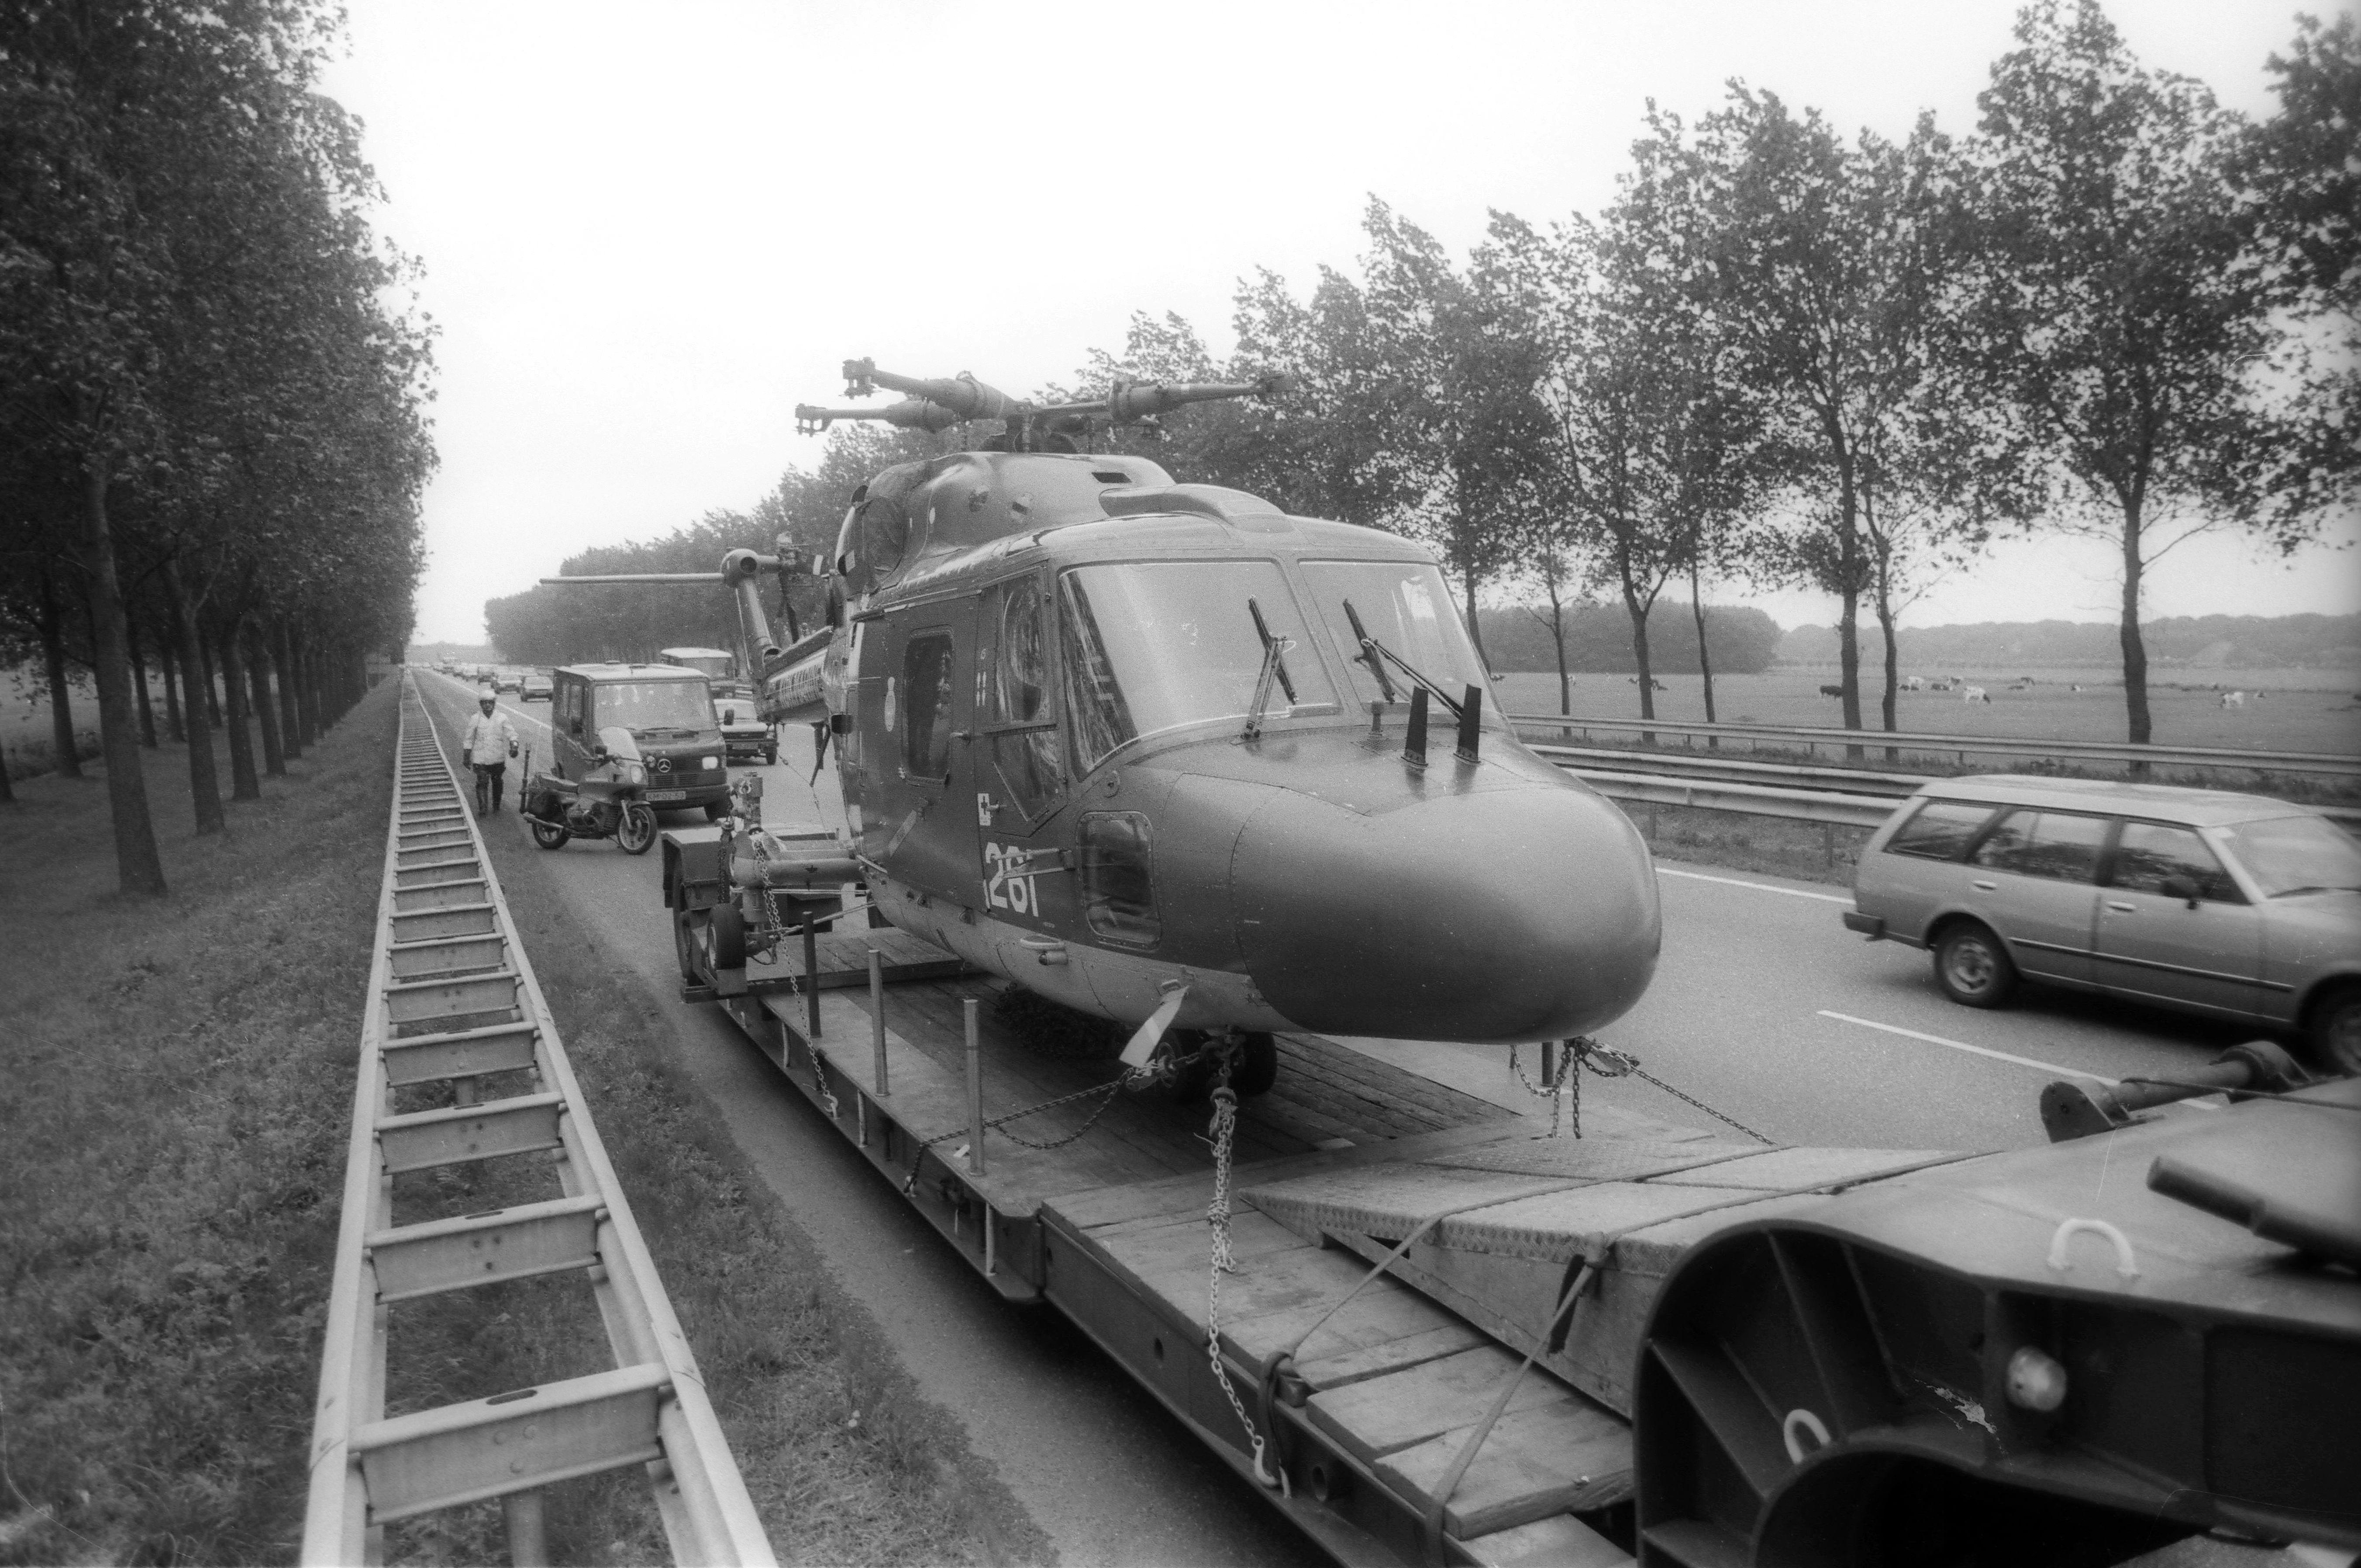 Huh? Een helikopter op de snelweg? De Lynx van de marine moest een noodlanding maken